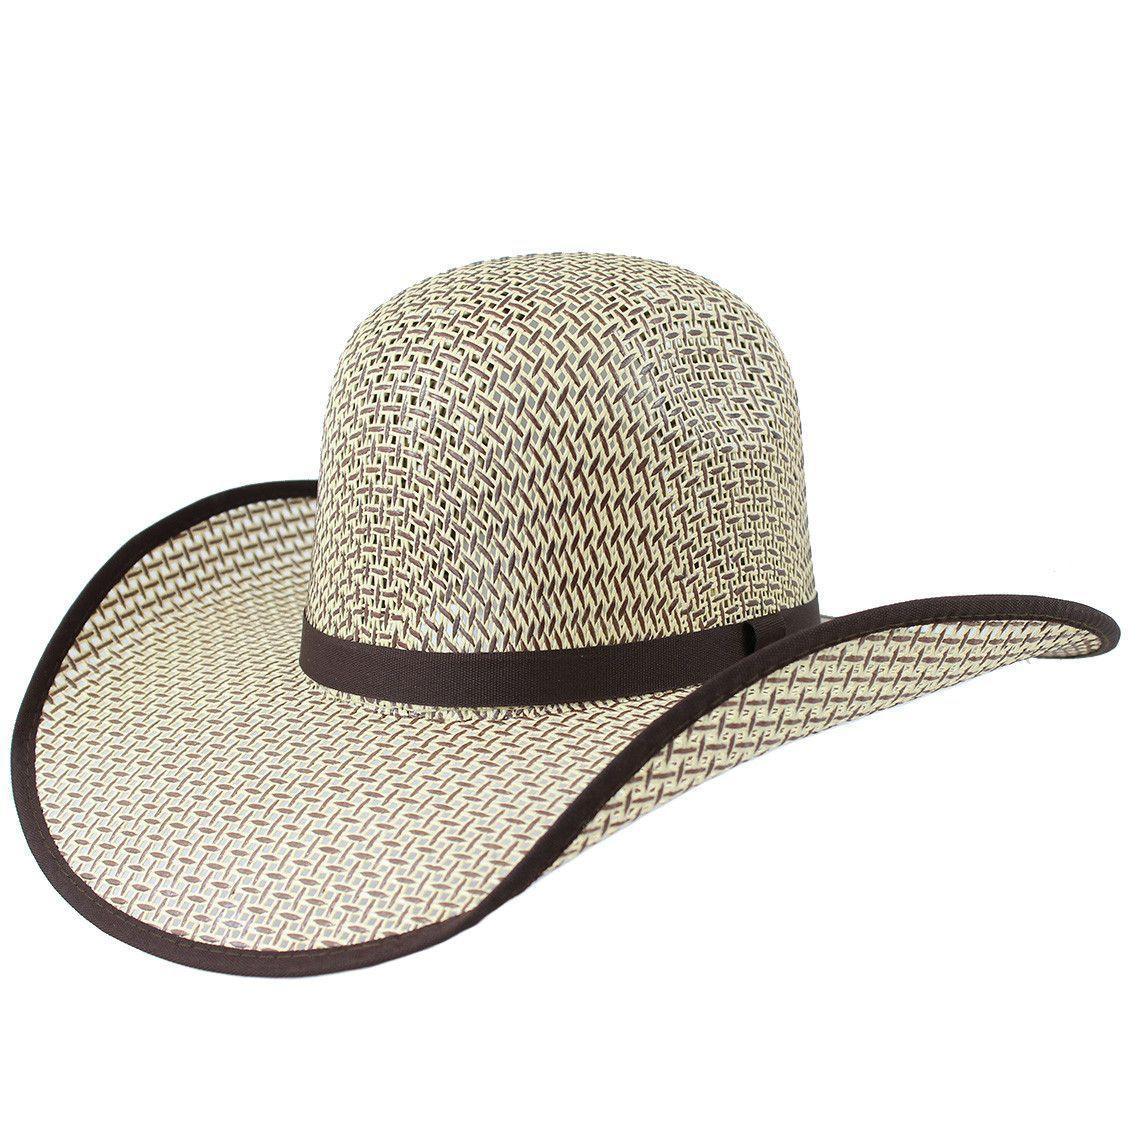 Moks Man Tarahumara Gus Crown Cowboy Hat